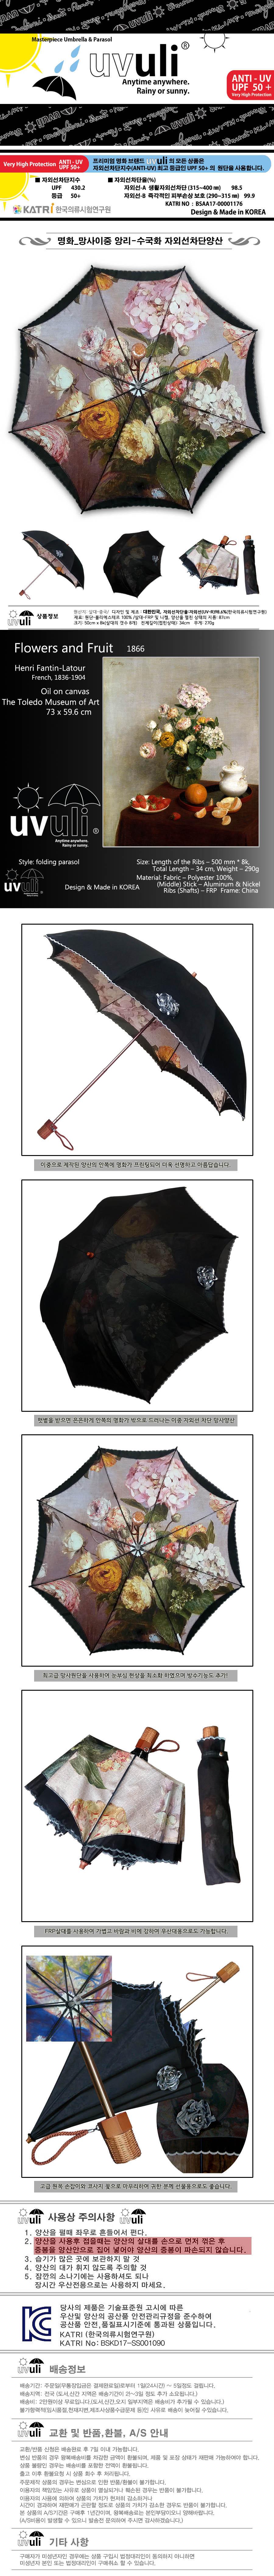 명화_UVULI 망사이중 앙리-수국화 자외선차단양산 - 헬로우래인캣, 69,300원, 양산, 양산